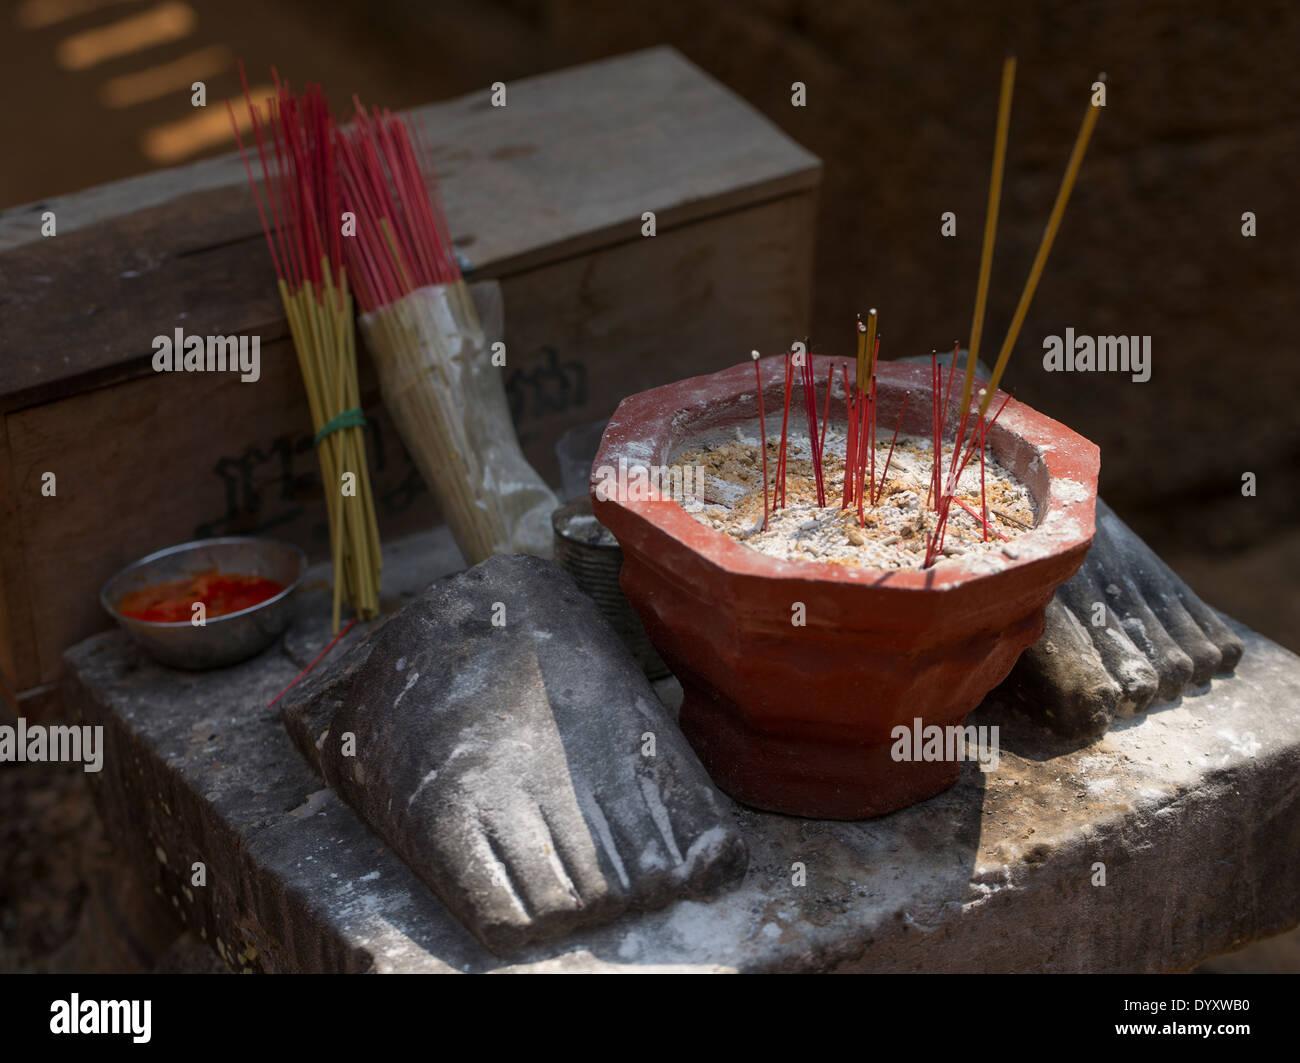 Offerta di incenso. Il Banteay Samre tempio, Siem Reap, Cambogia Immagini Stock